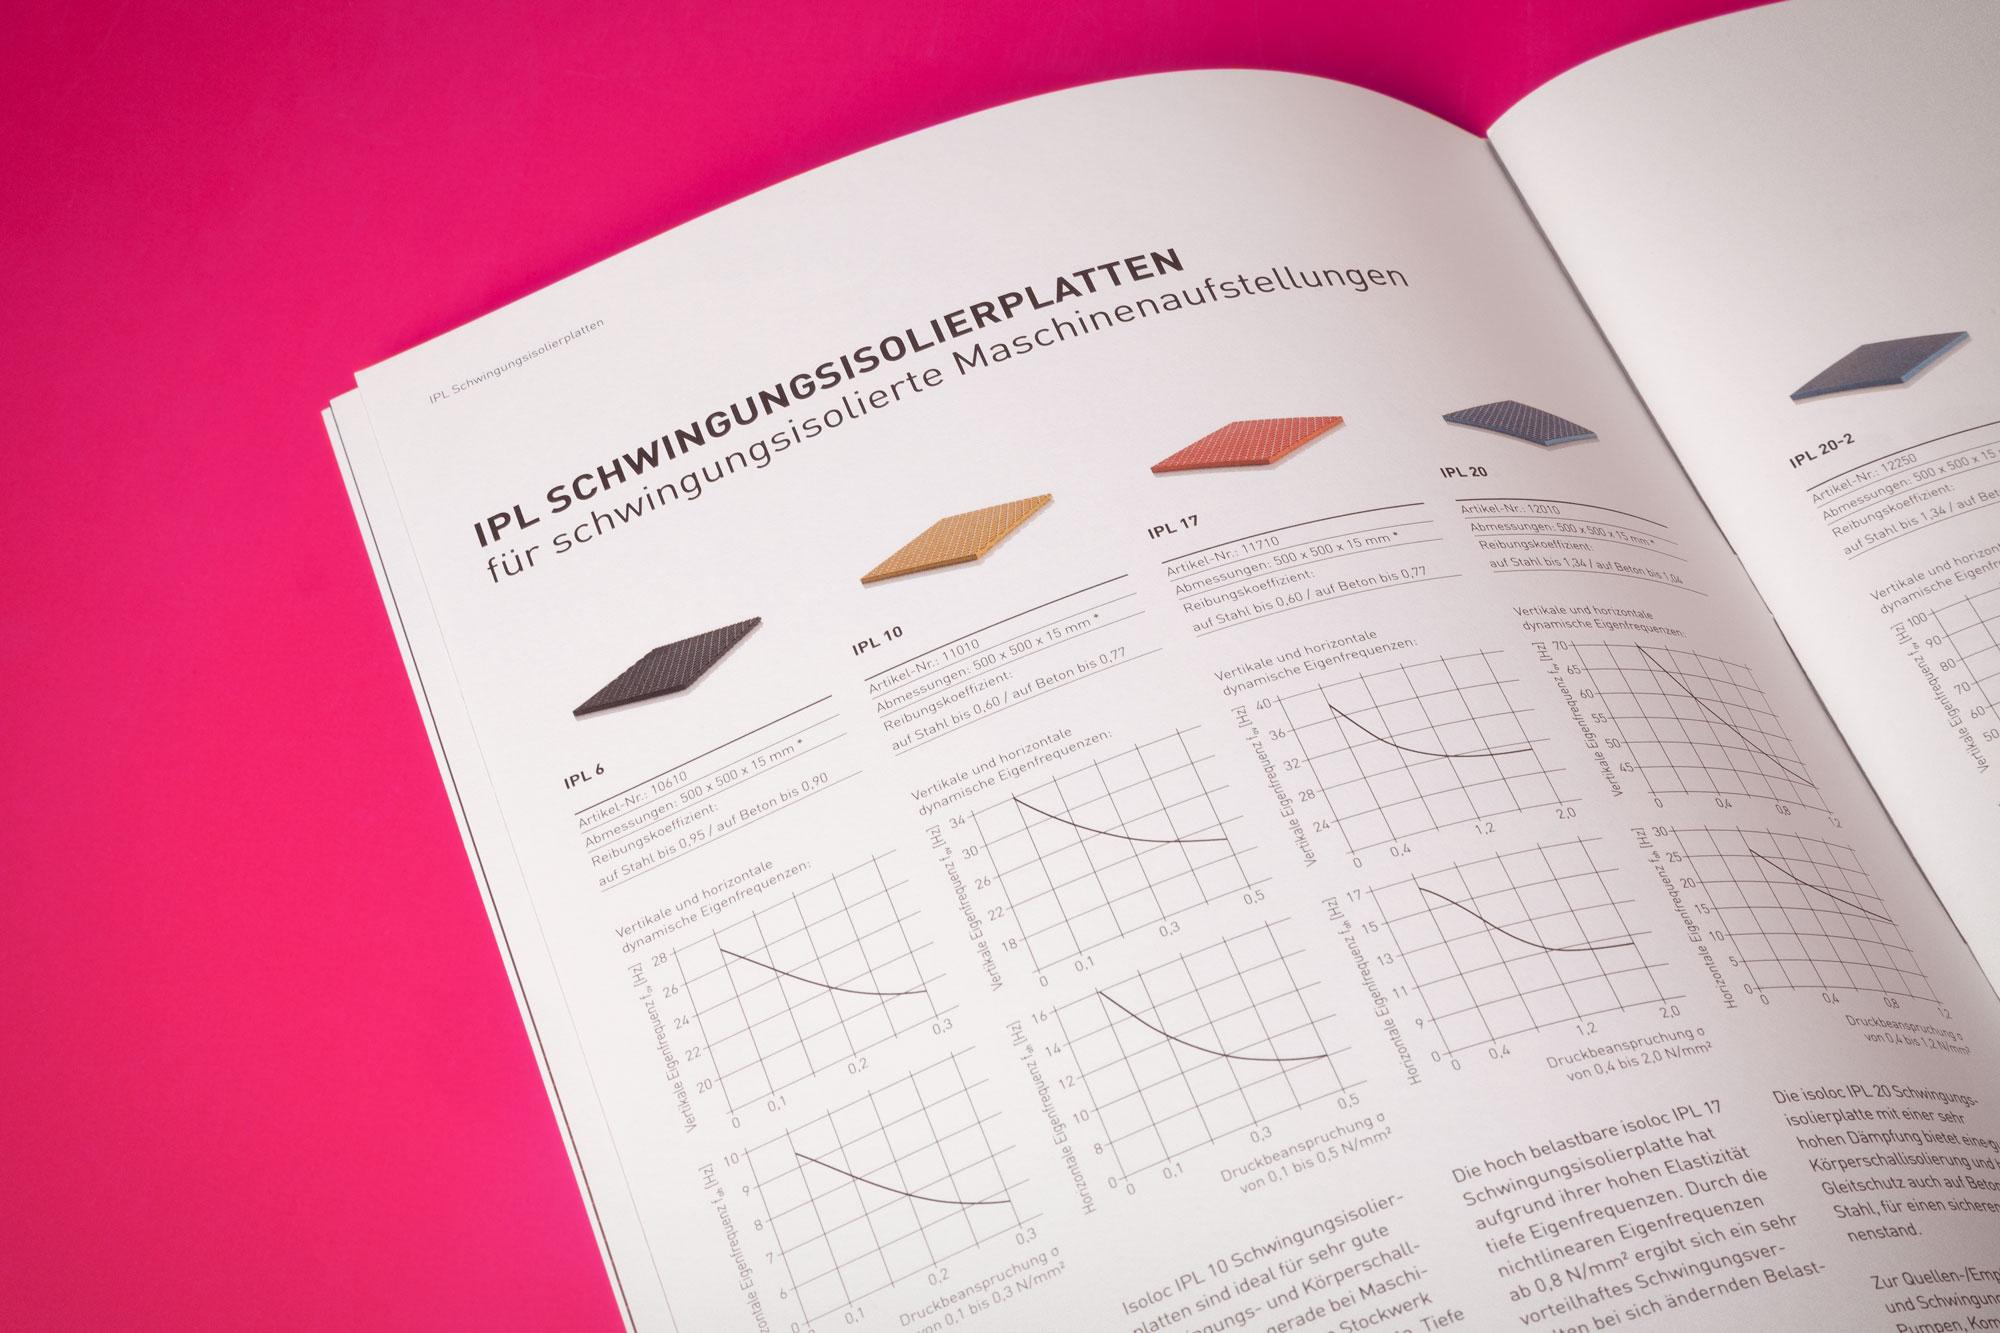 75a gestaltet den neuen Produktkatalog von isoloc Schwingungstechnik